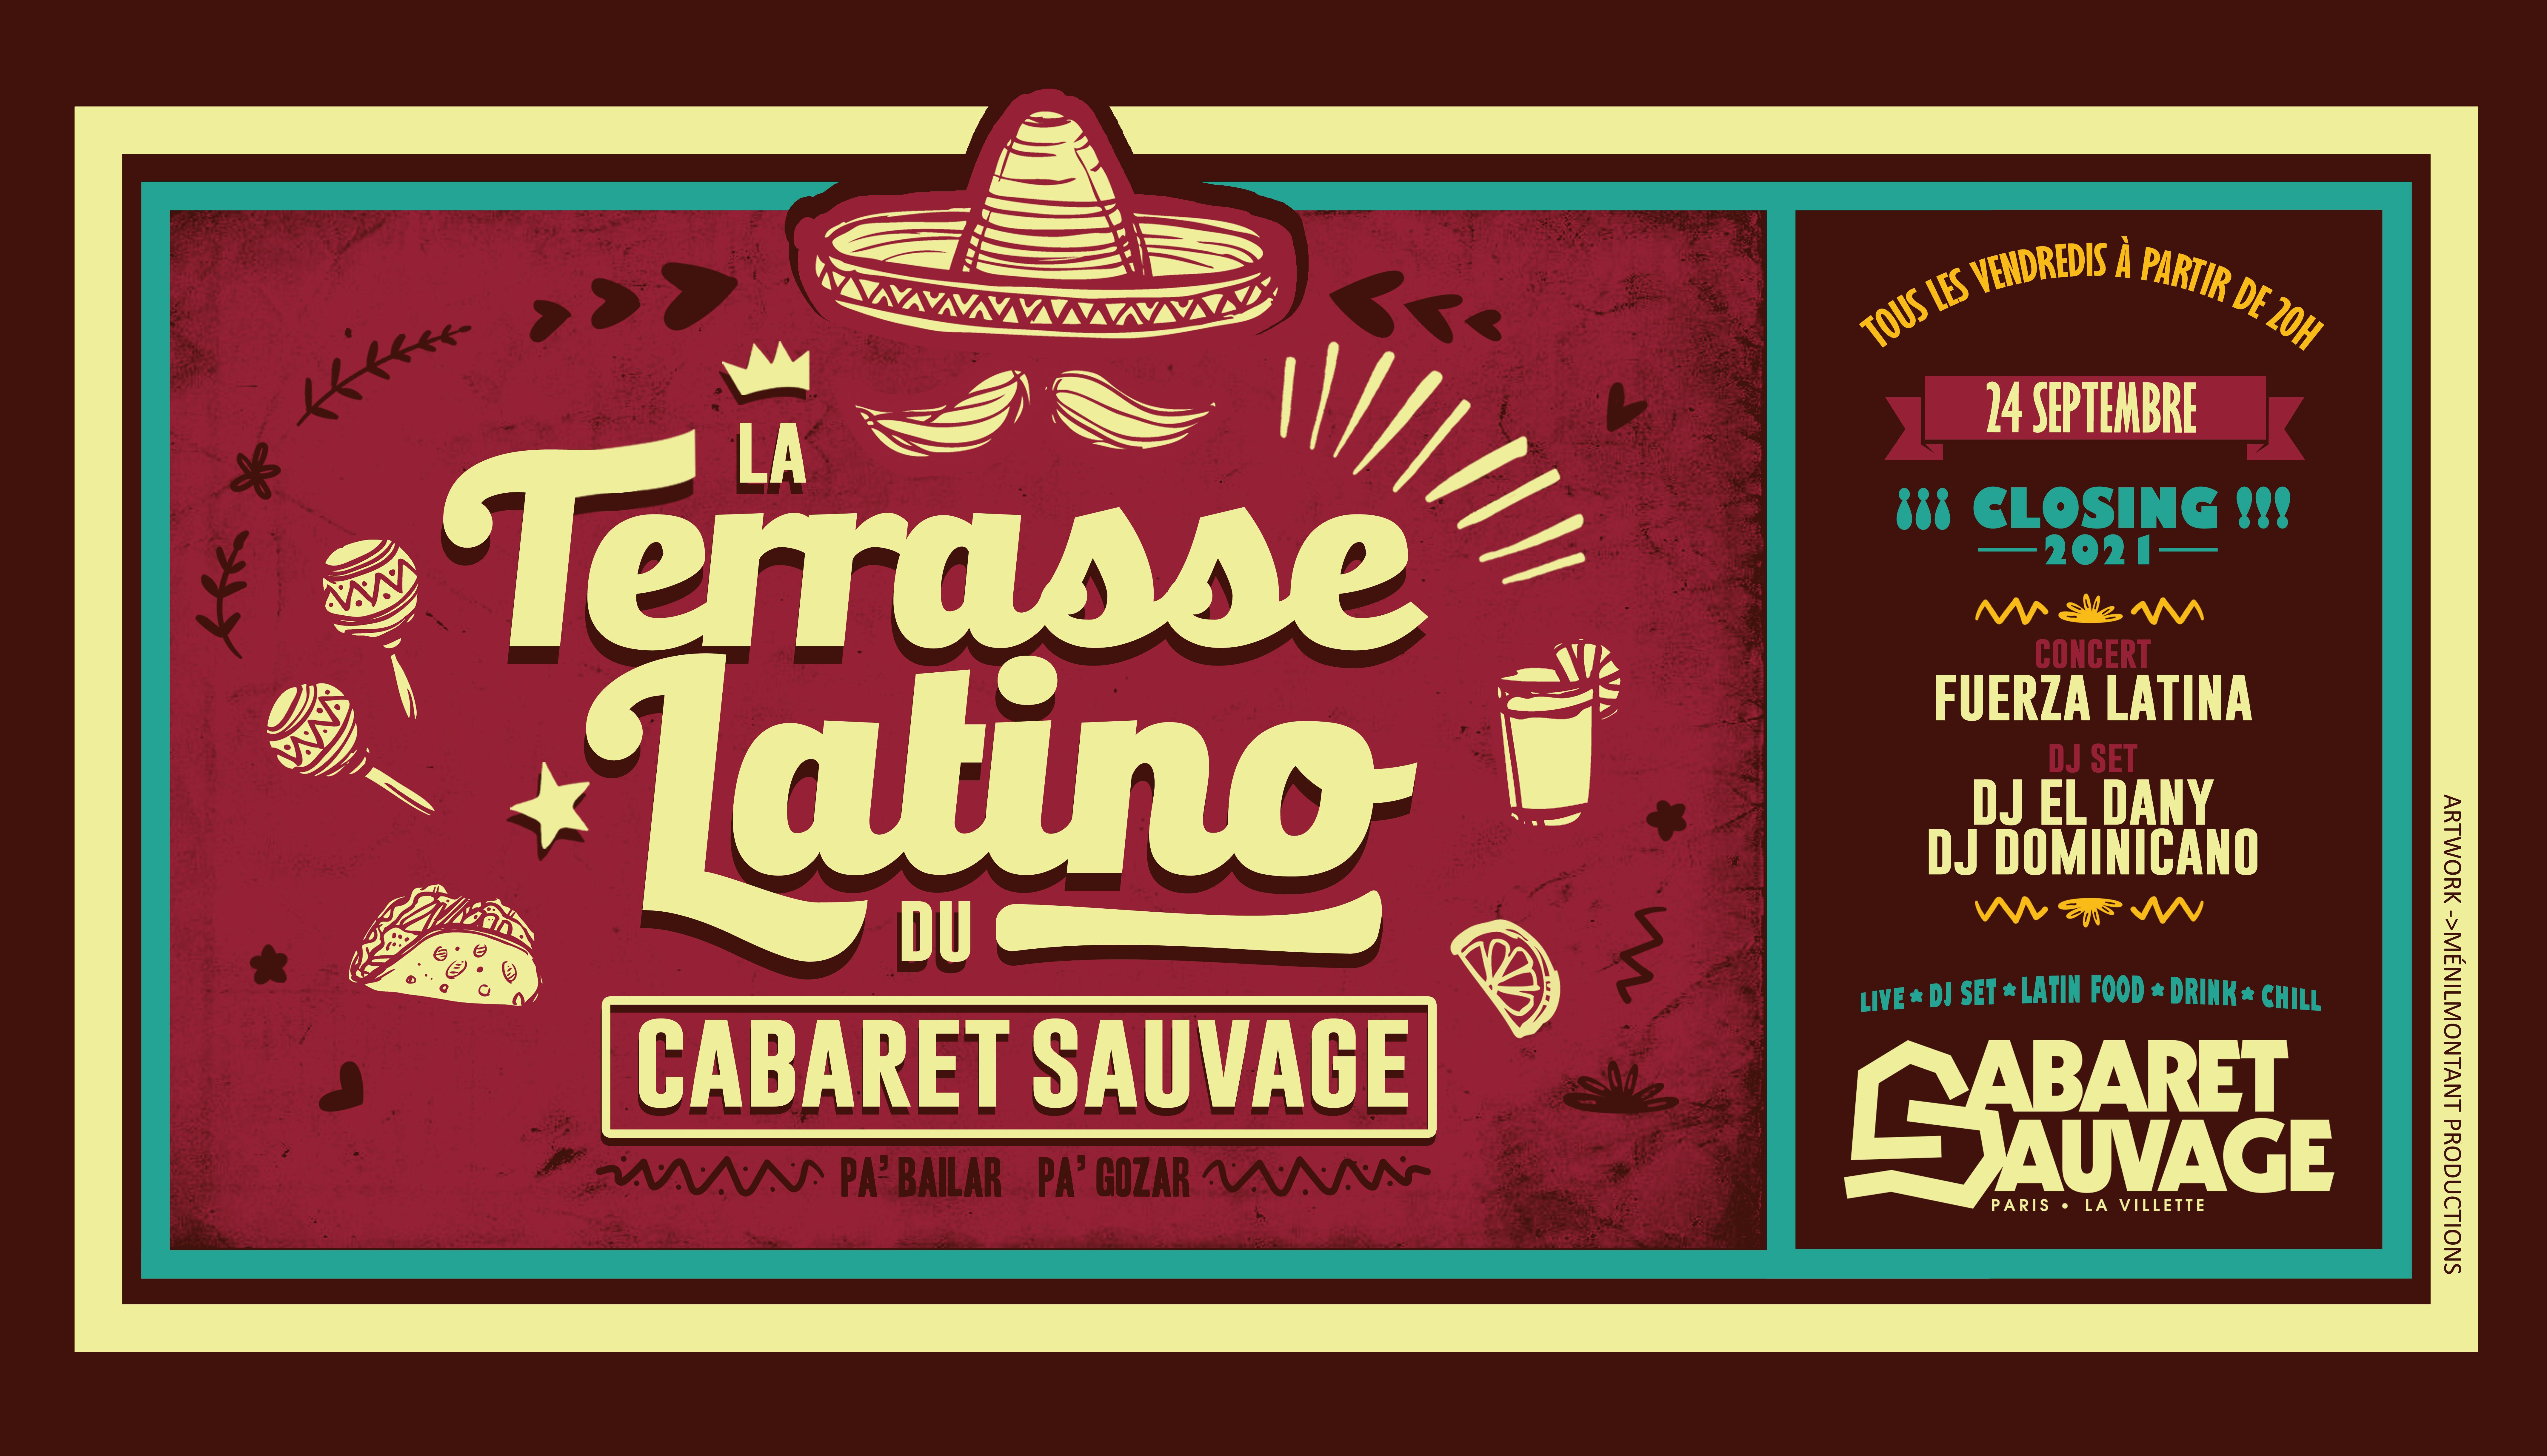 La Terrasse Latino du Cabaret Sauvage - Vendredi 24 Septembre 2021